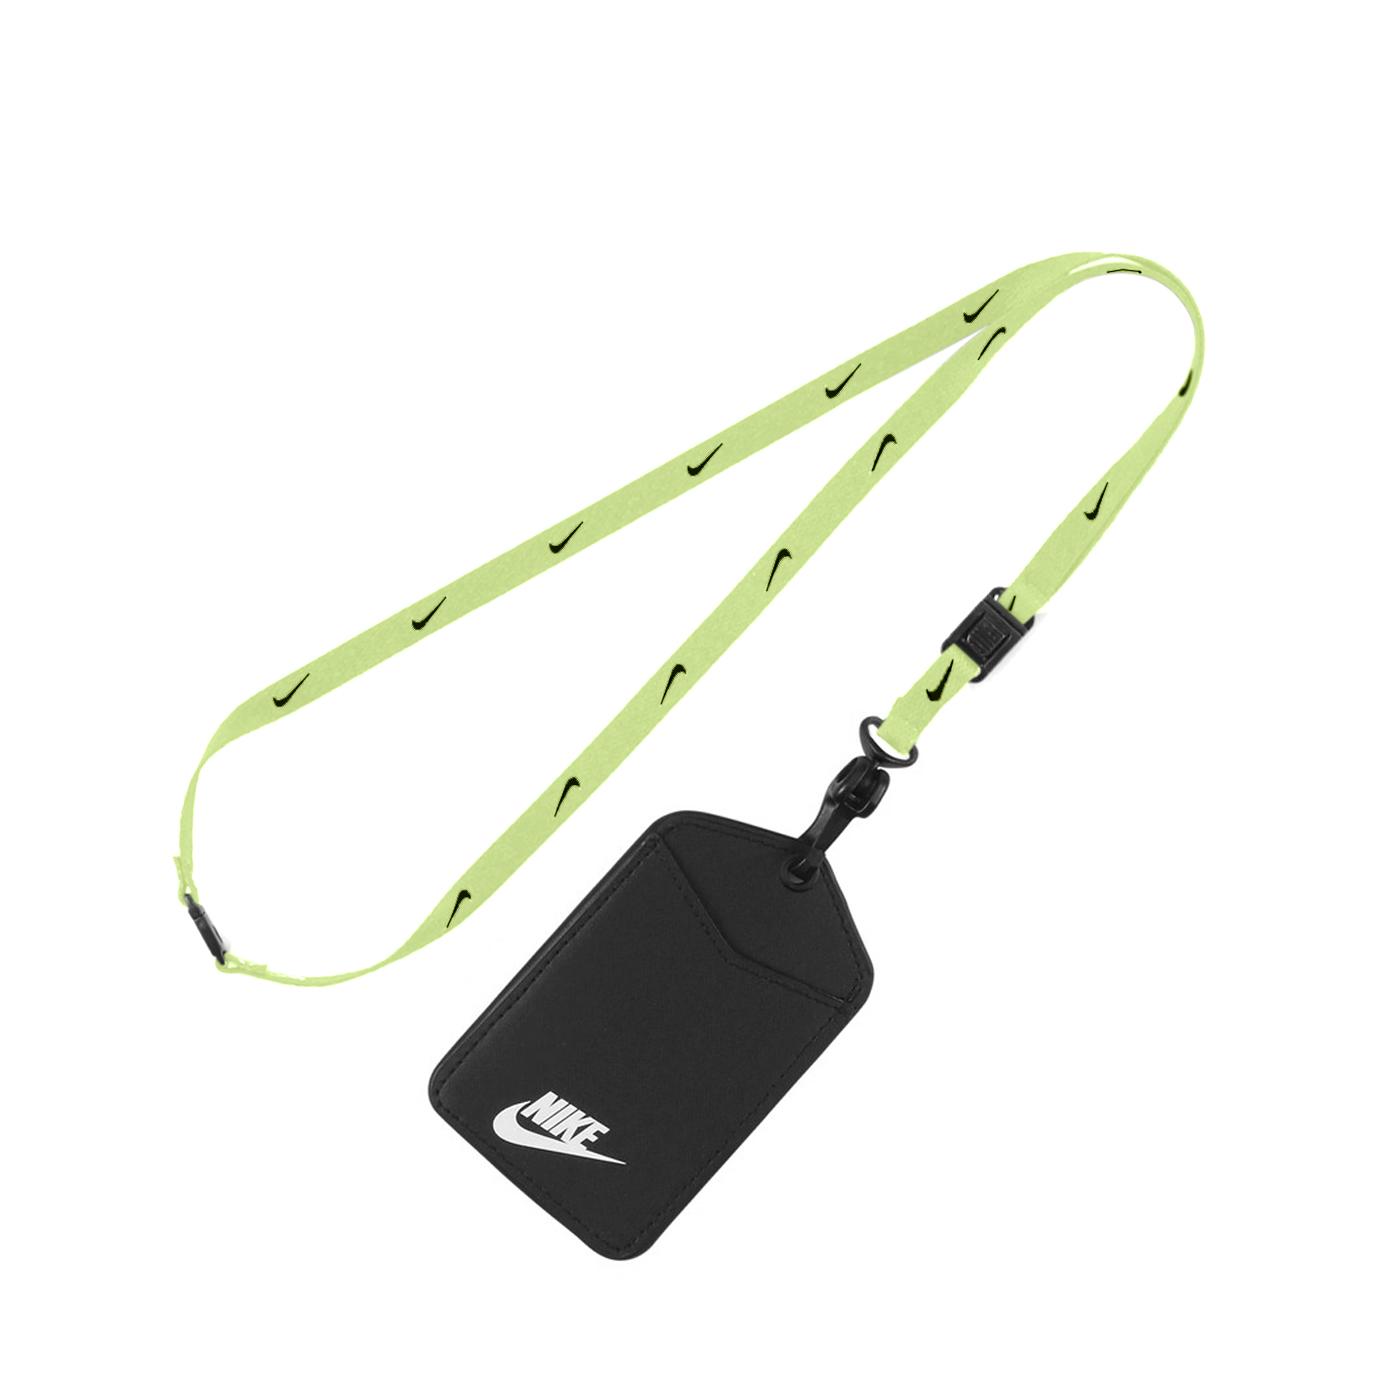 NIKE 識別證吊帶 N1002322732NS - 螢光綠黑